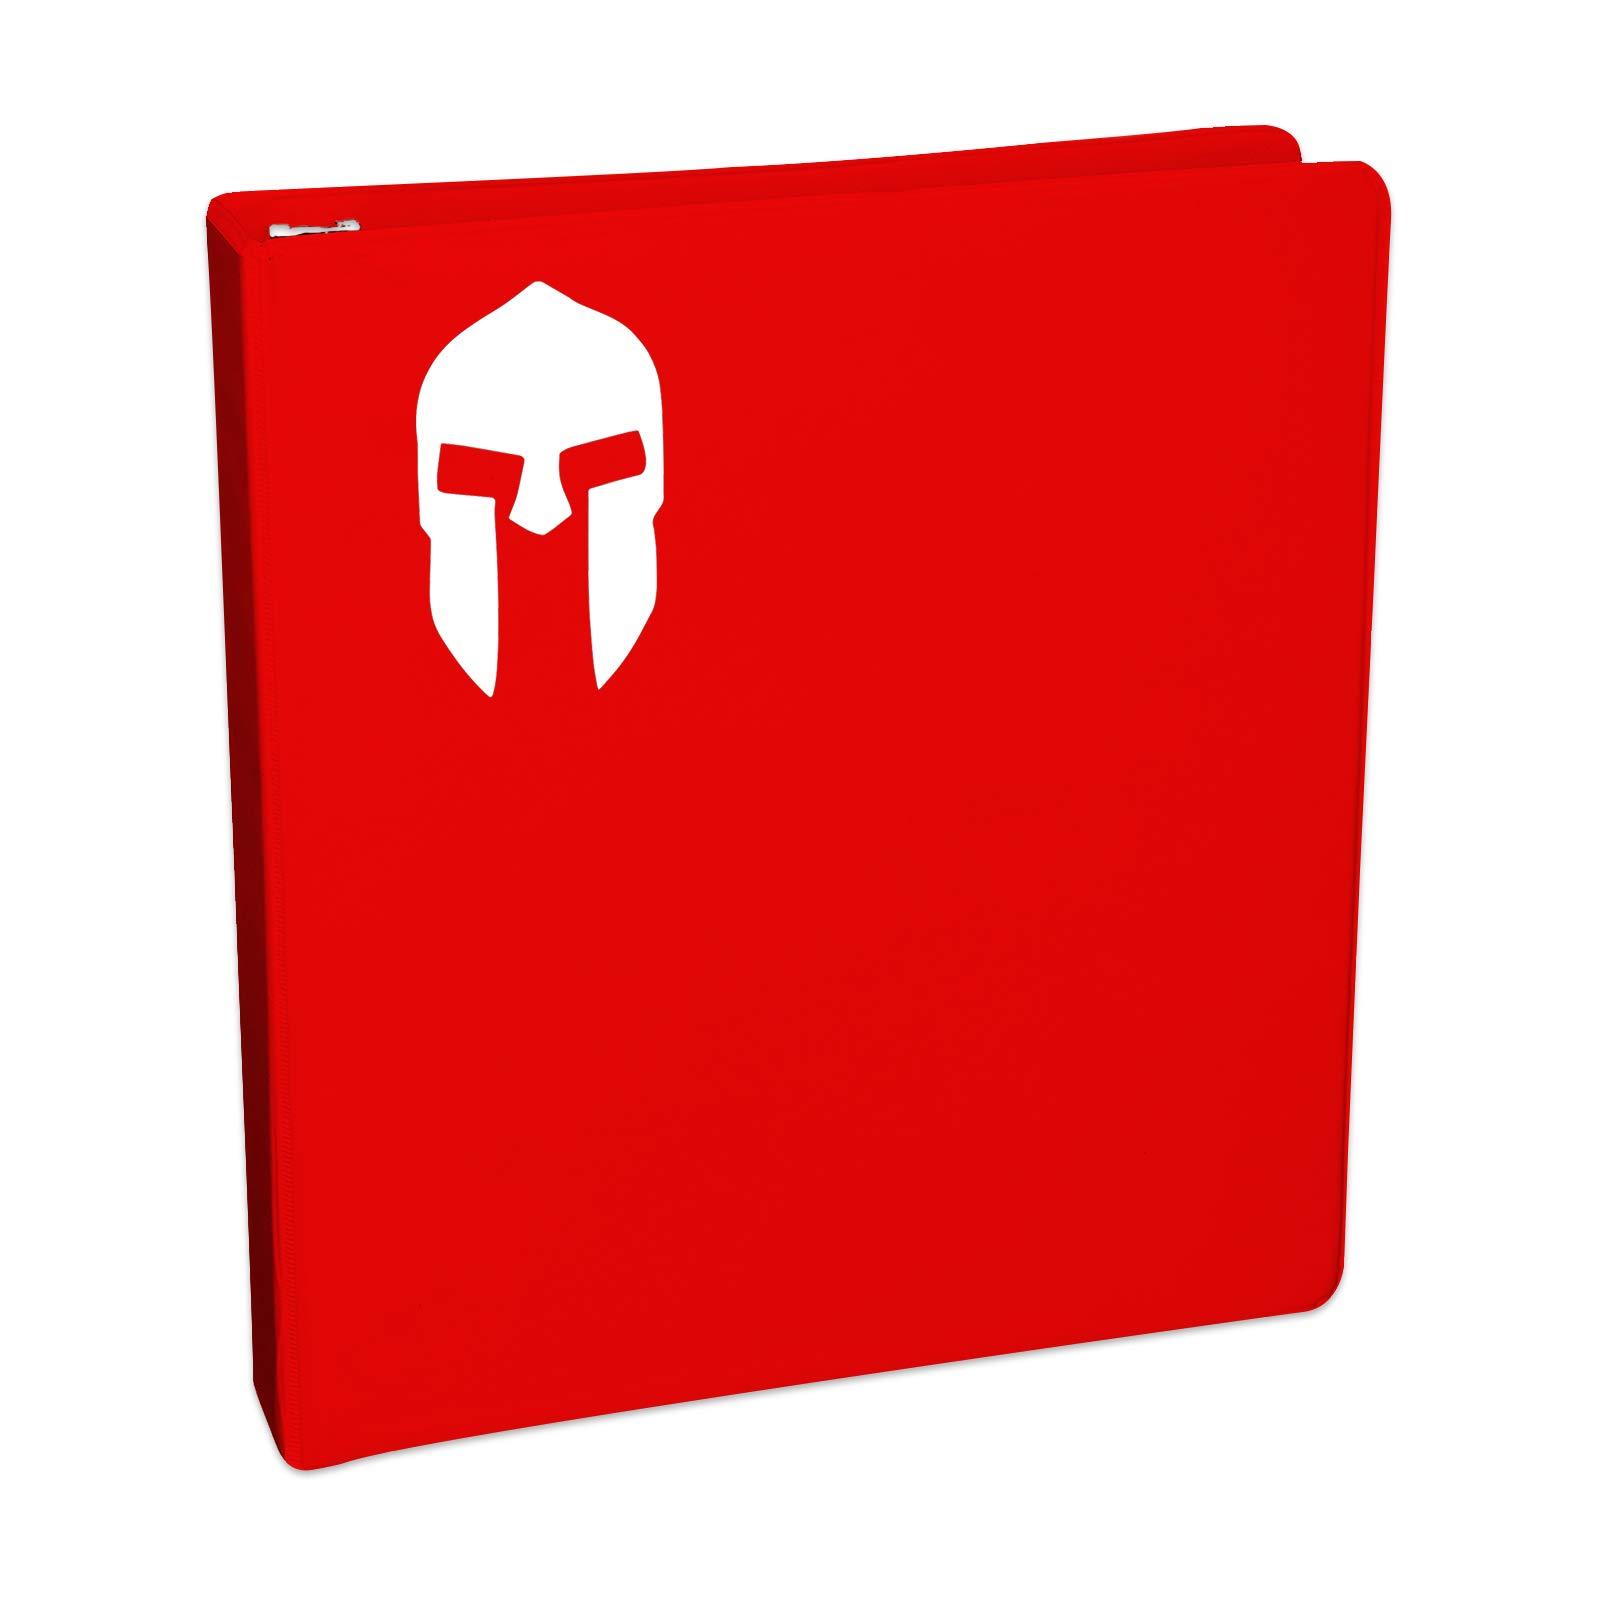 Adhesivo de casco espartano del rey Leónidas de la película «300» para cuaderno, coche u ordenador portátil. 20 cm, blanco: Amazon.es: Coche y moto